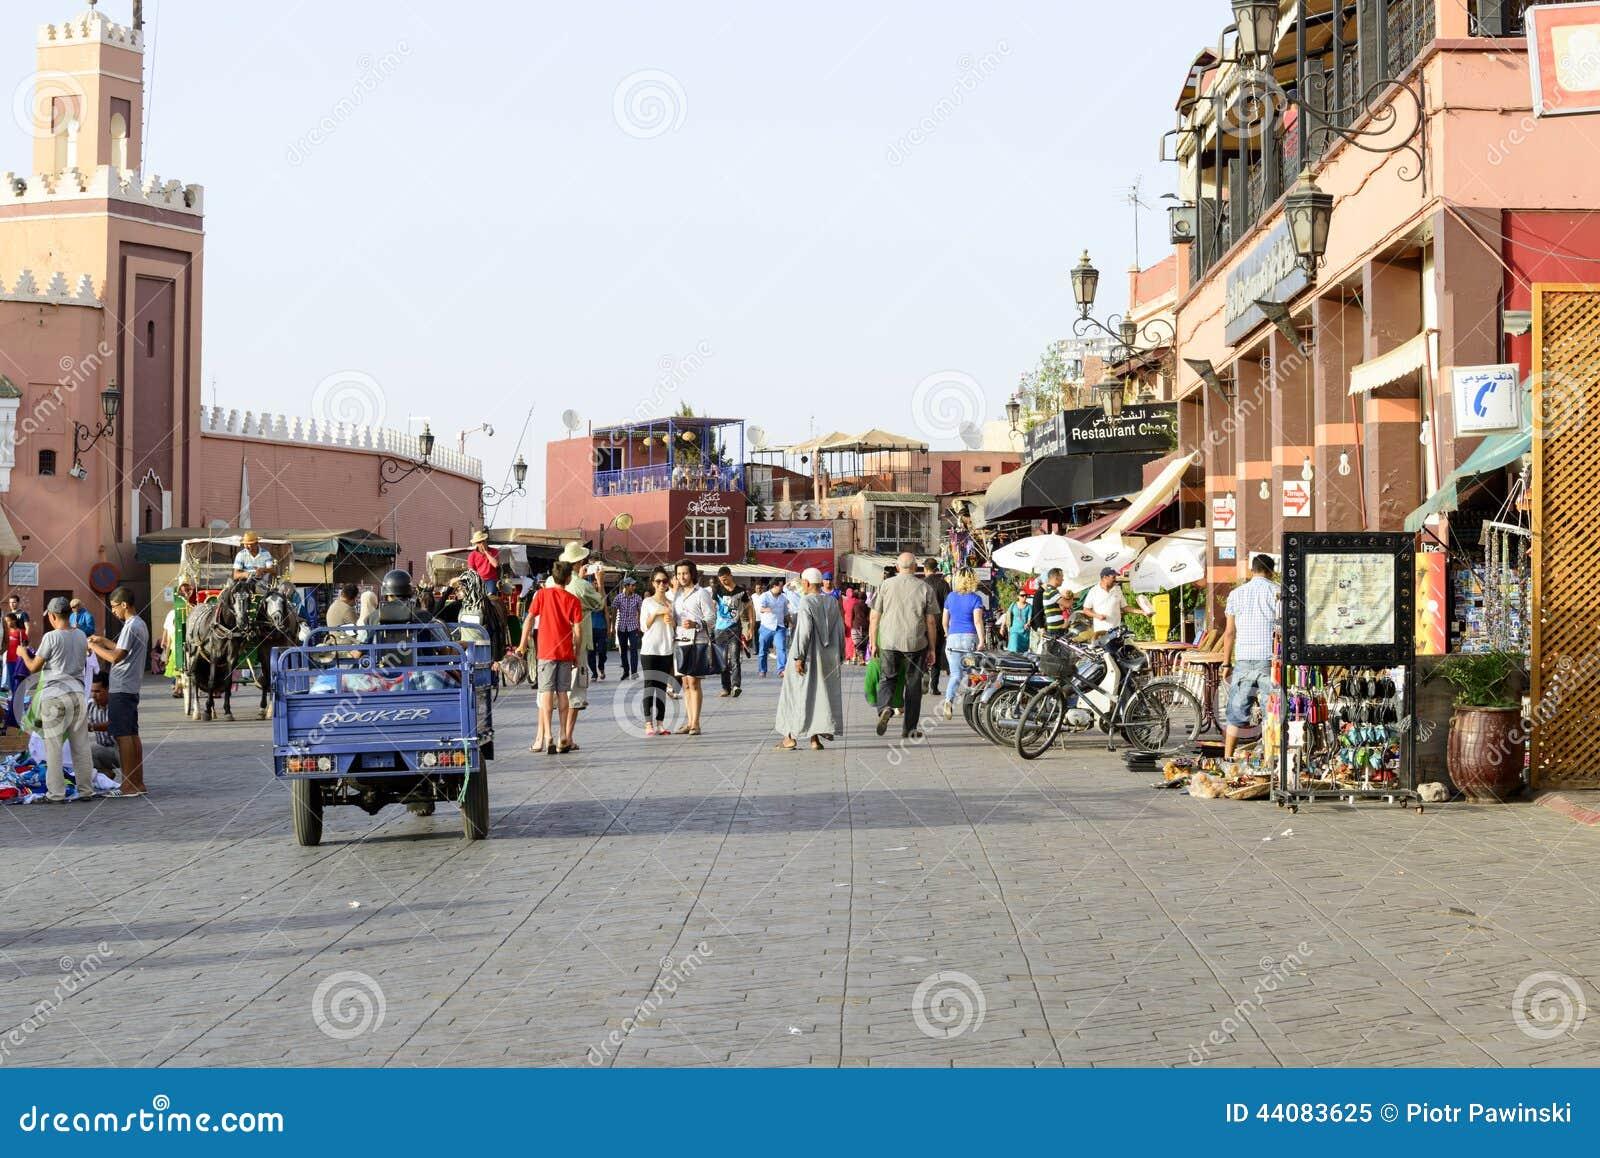 Ist Marrakesch sexfreie Stadt